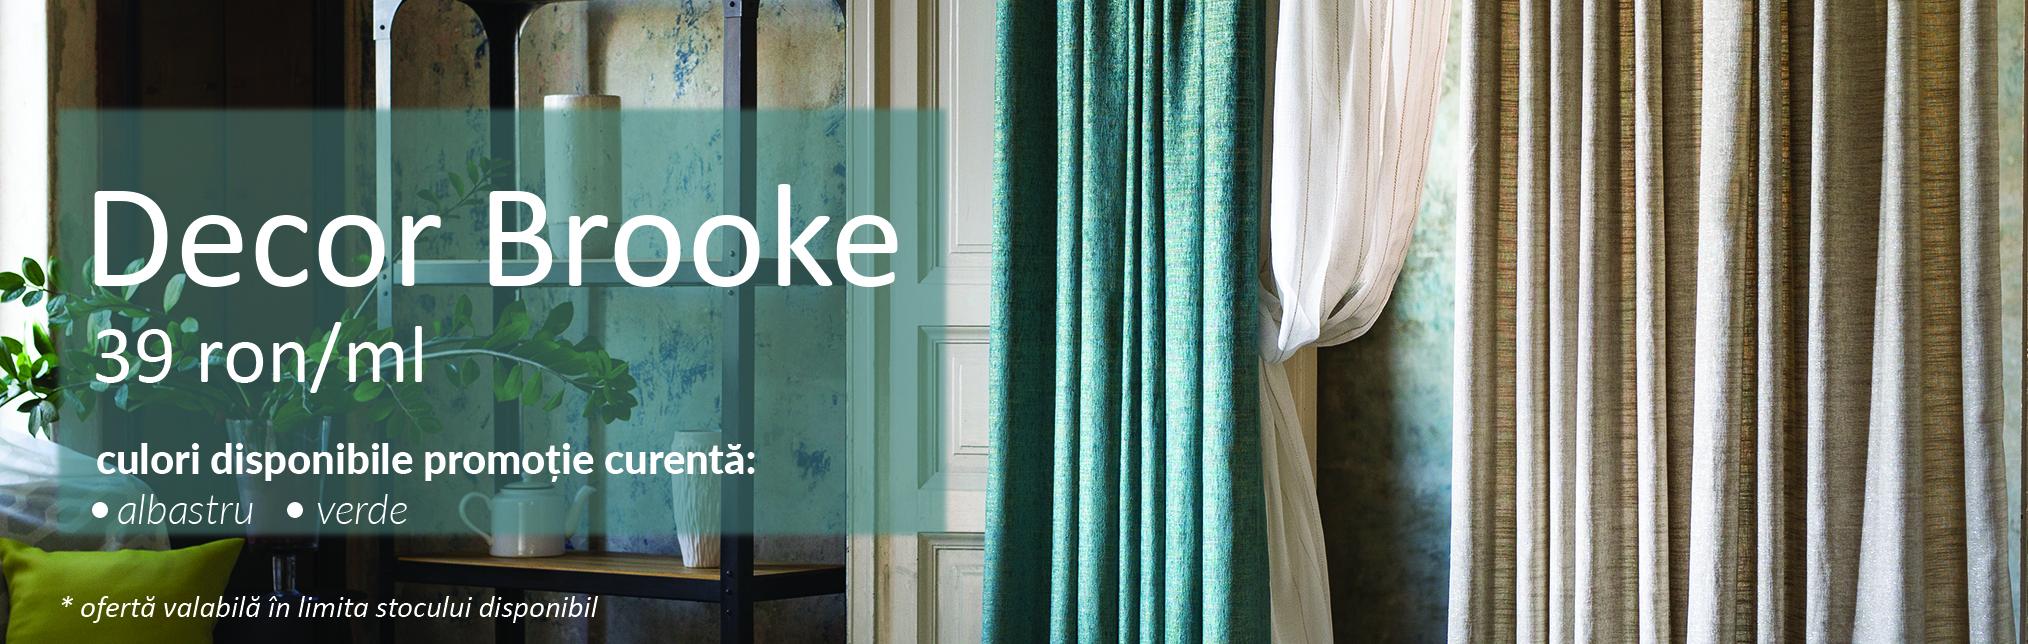 Promotiile Lunii - Decor Brooke 39 ron/ml